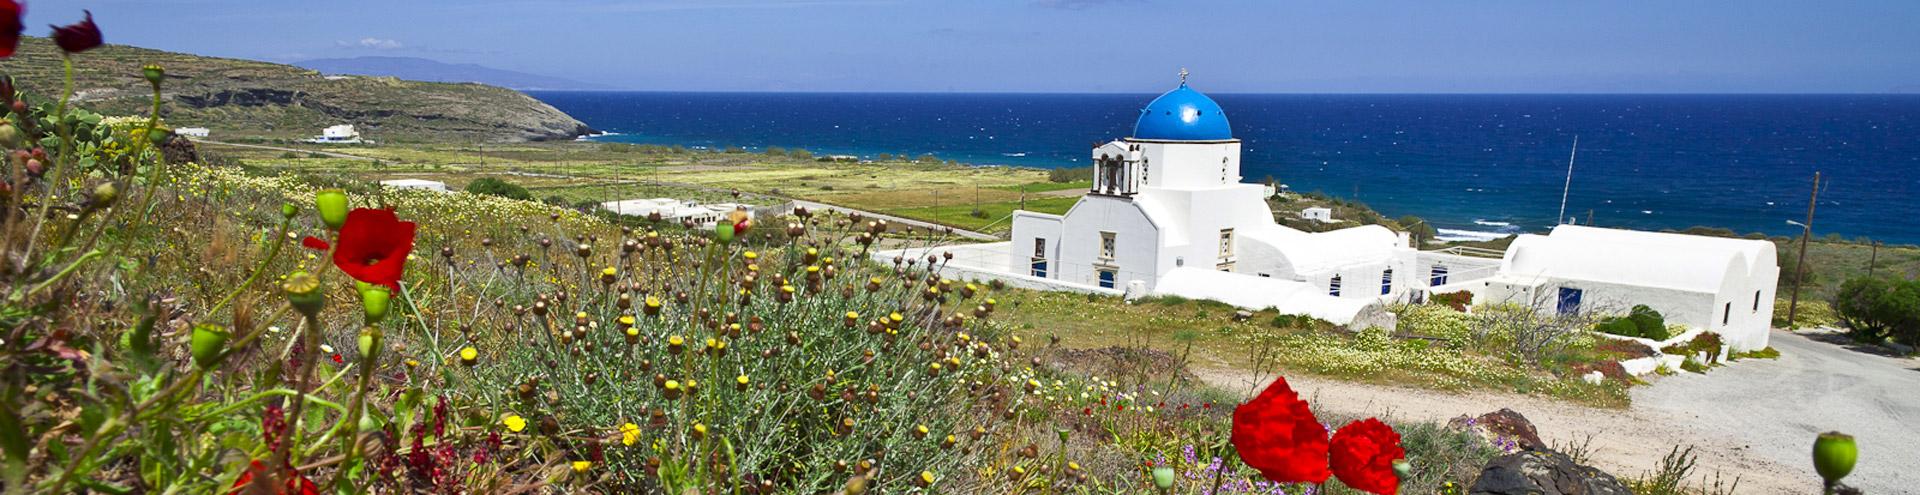 Griechenland & Santorin